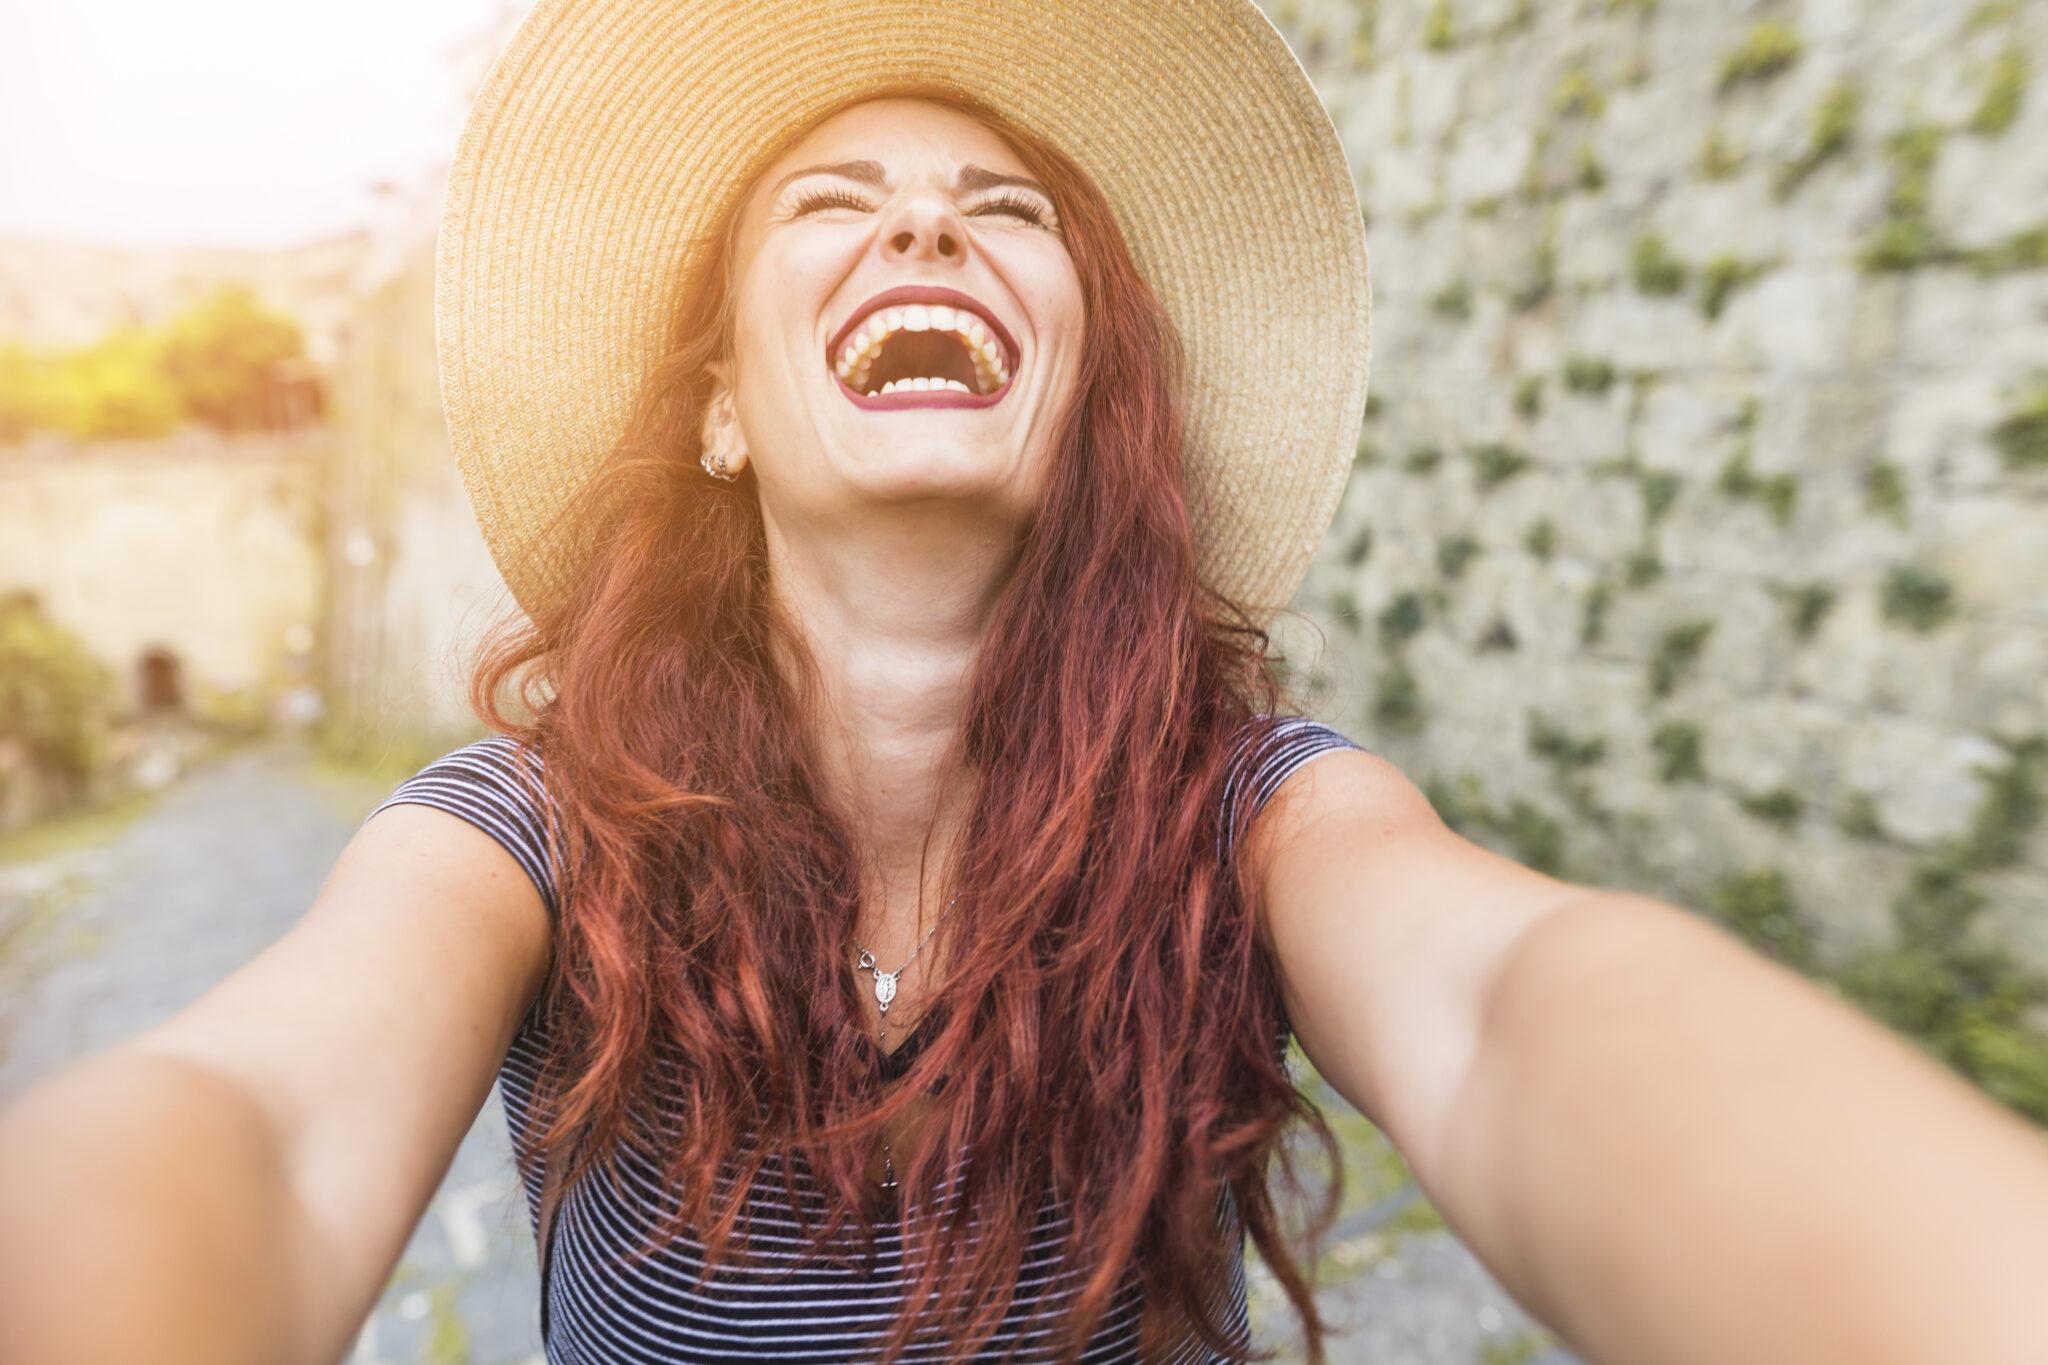 Happy woman teeth